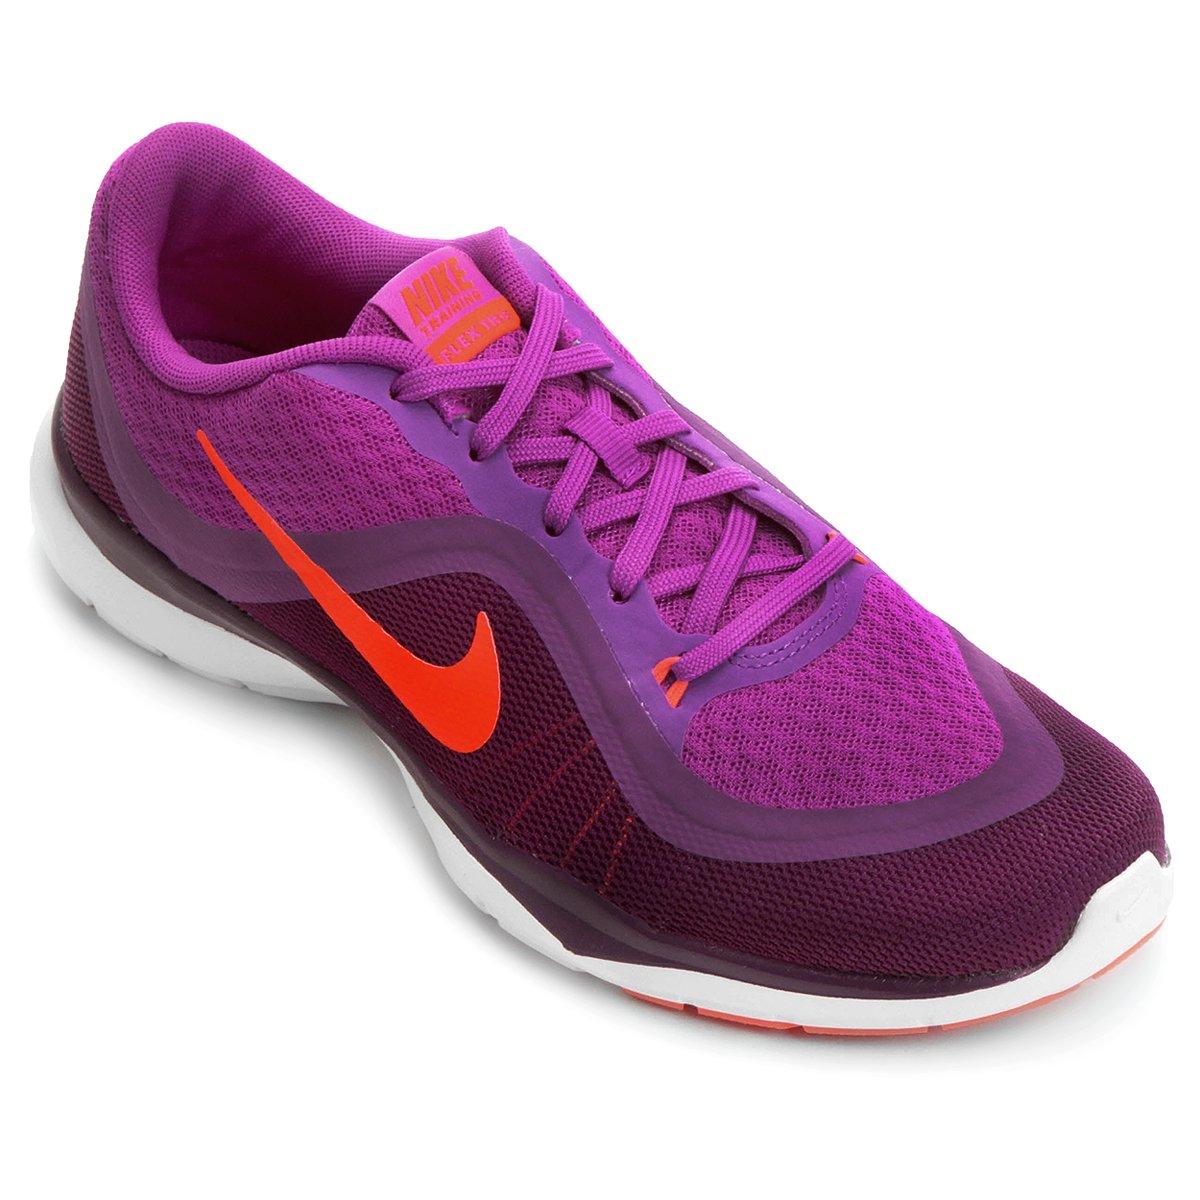 Tênis Nike Flex Trainer 6 Feminino - Violeta - Compre Agora  a16a30fc80dca